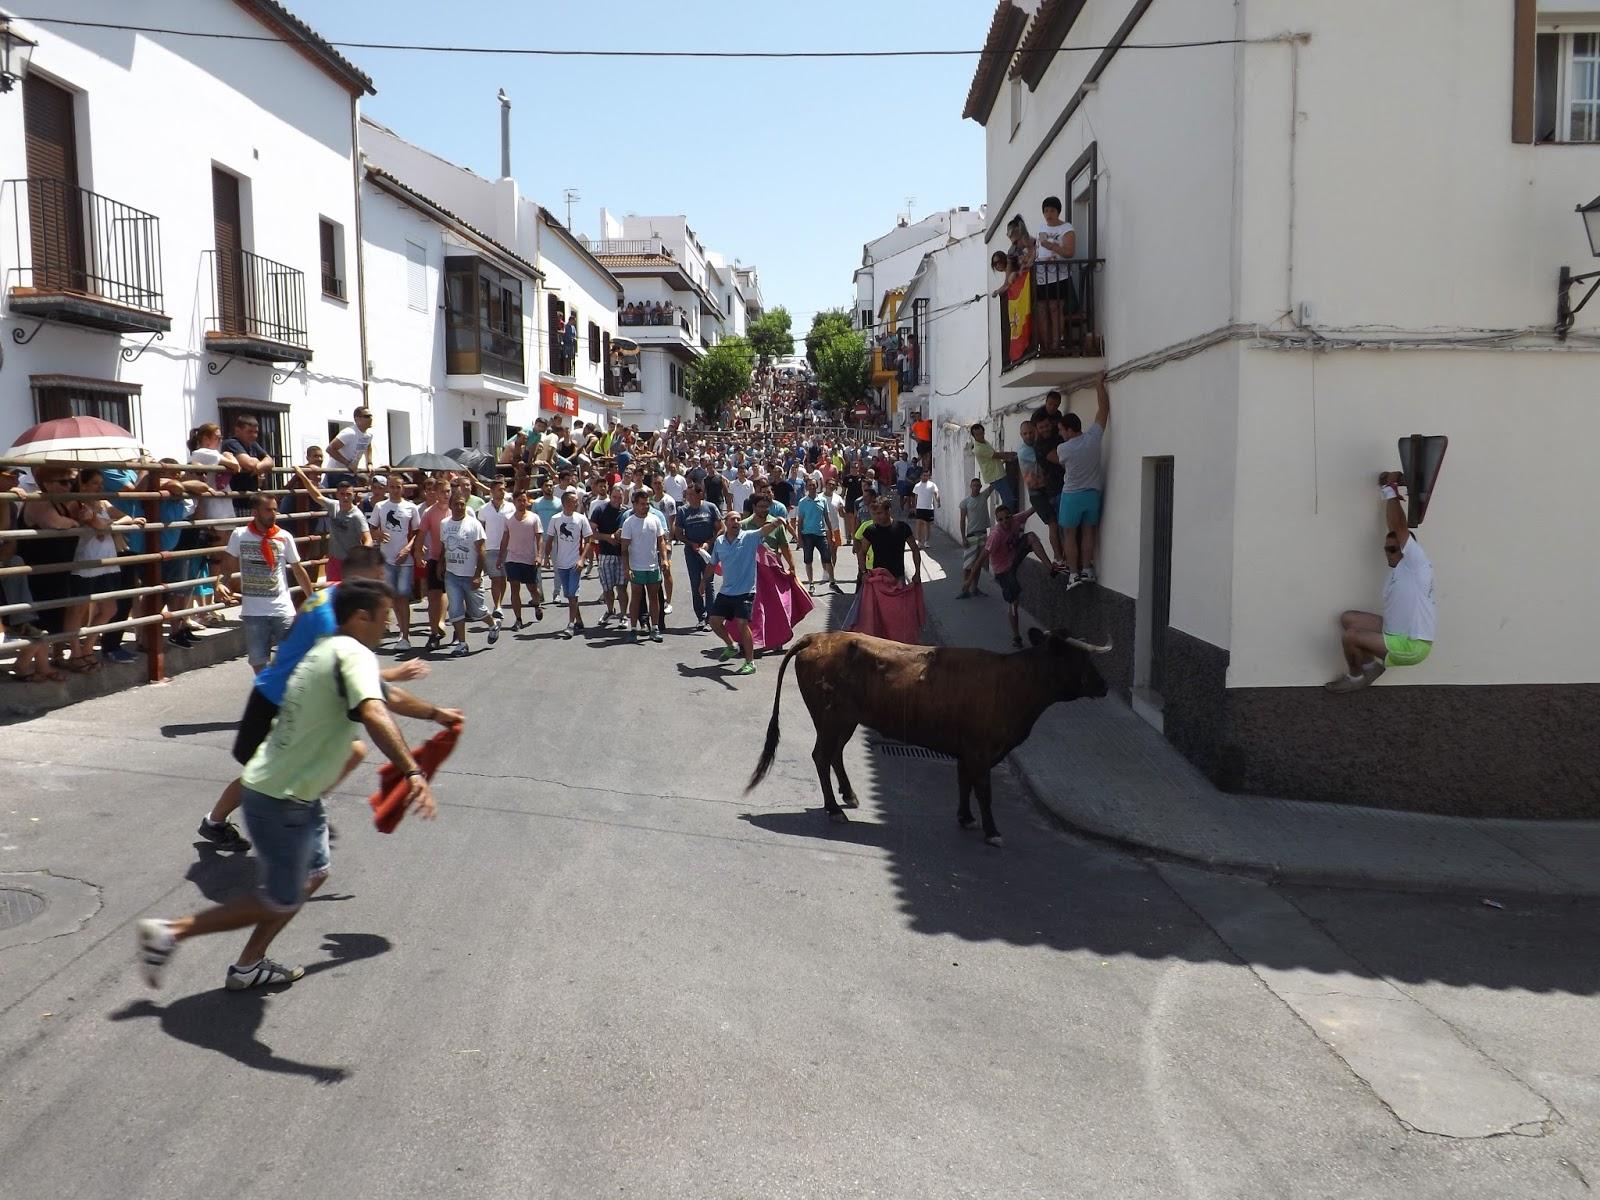 Ruedos del sur eventos suelta de vacas en prado del rey - Tiempo en prado del rey cadiz ...